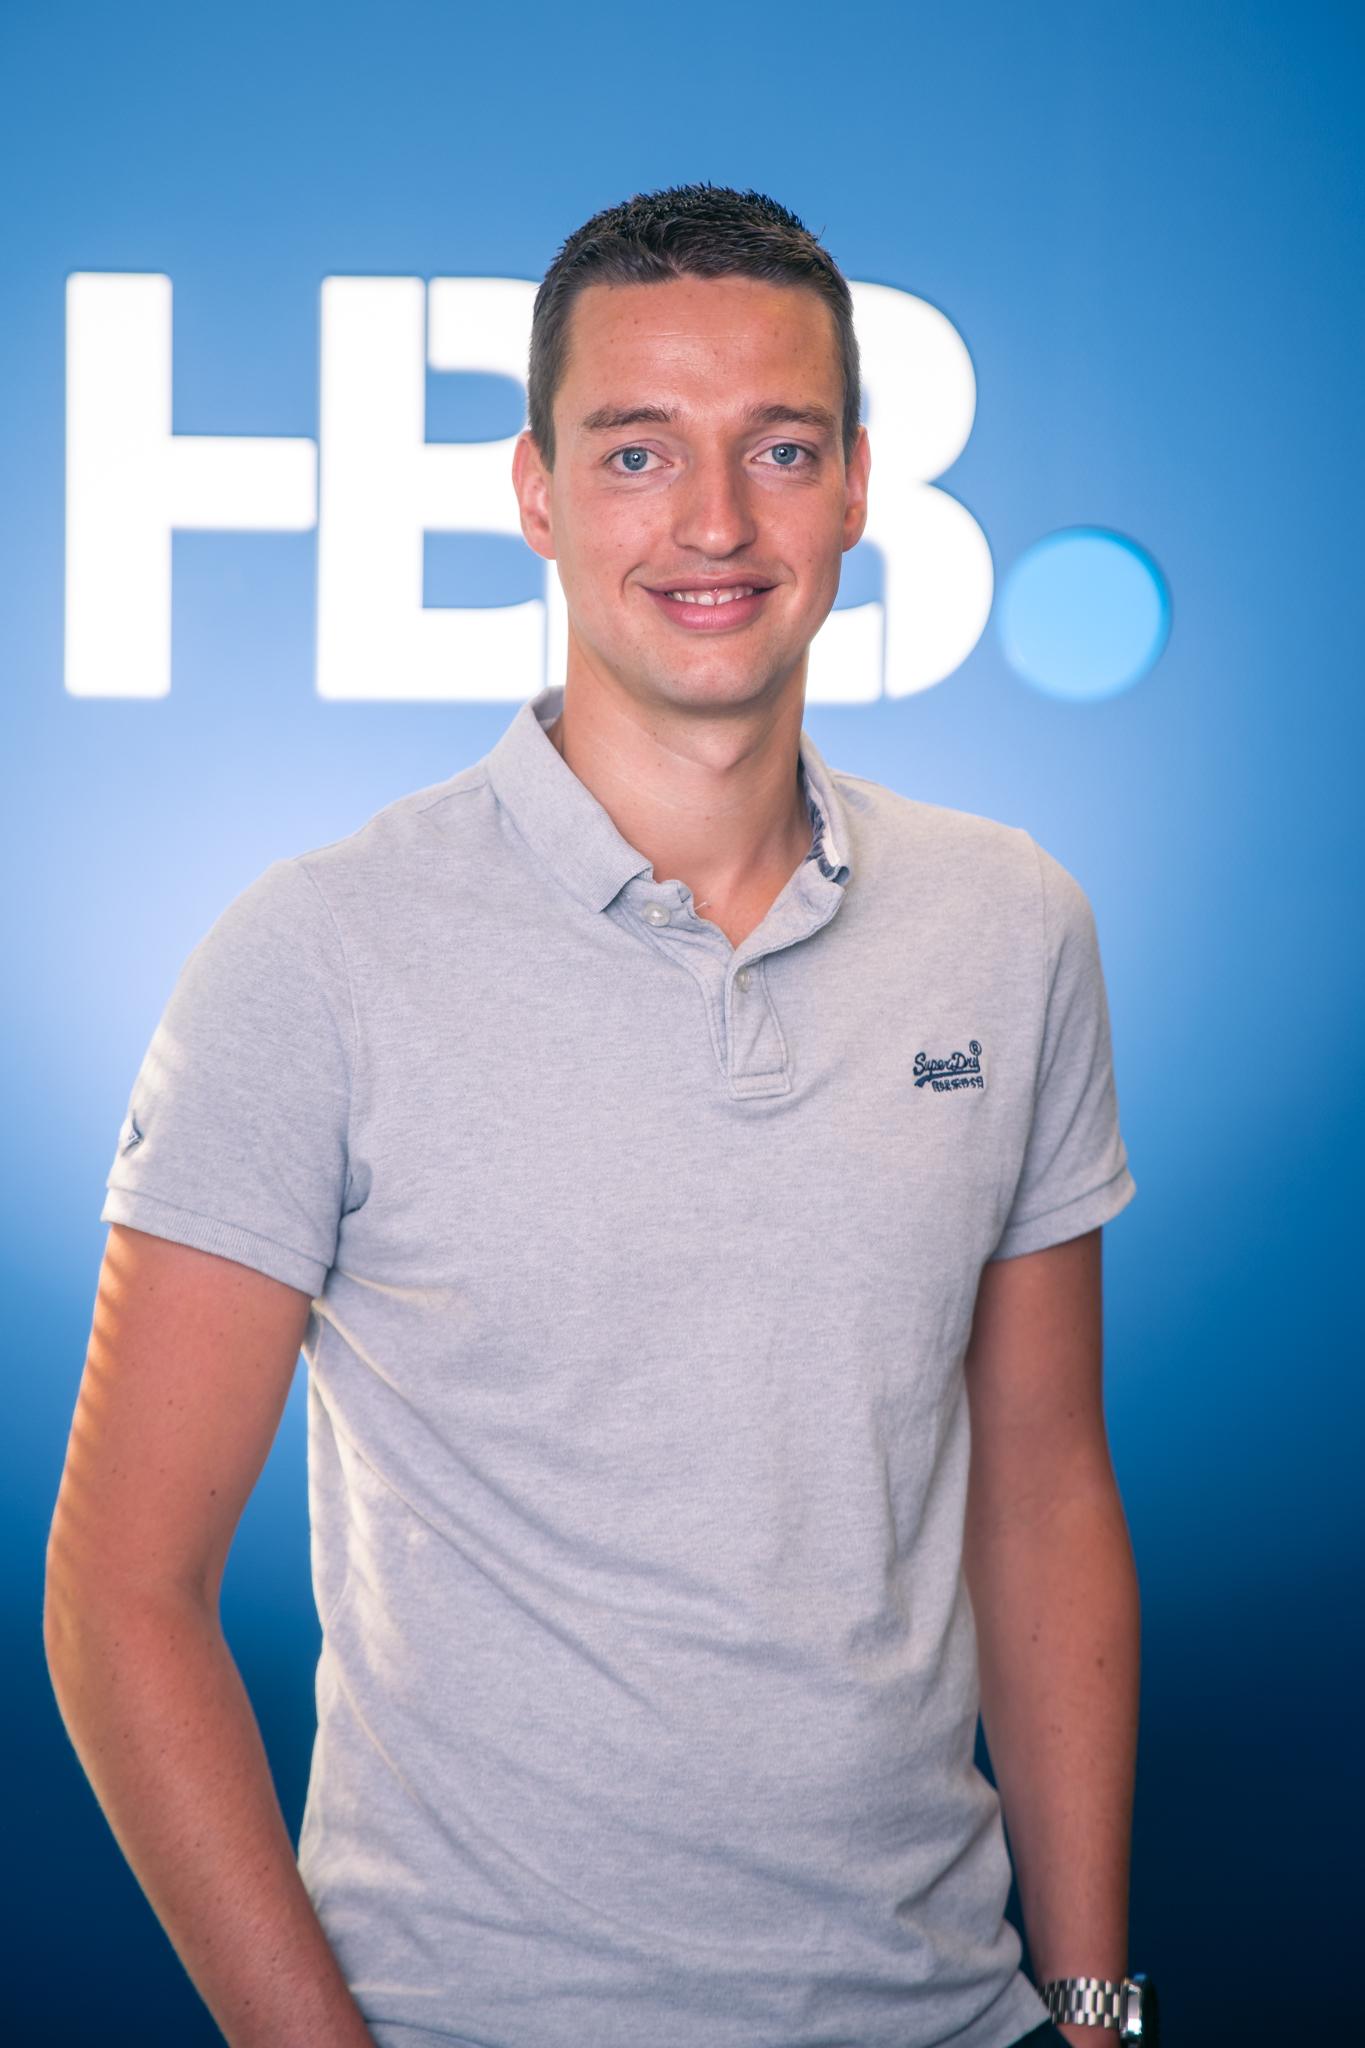 Paul Hulskes